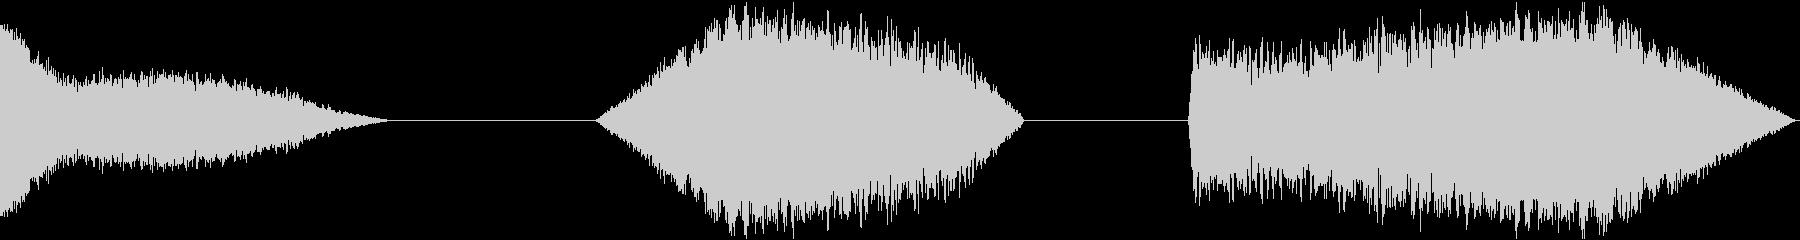 信号ノイズ、3バージョン、ラジオ、...の未再生の波形